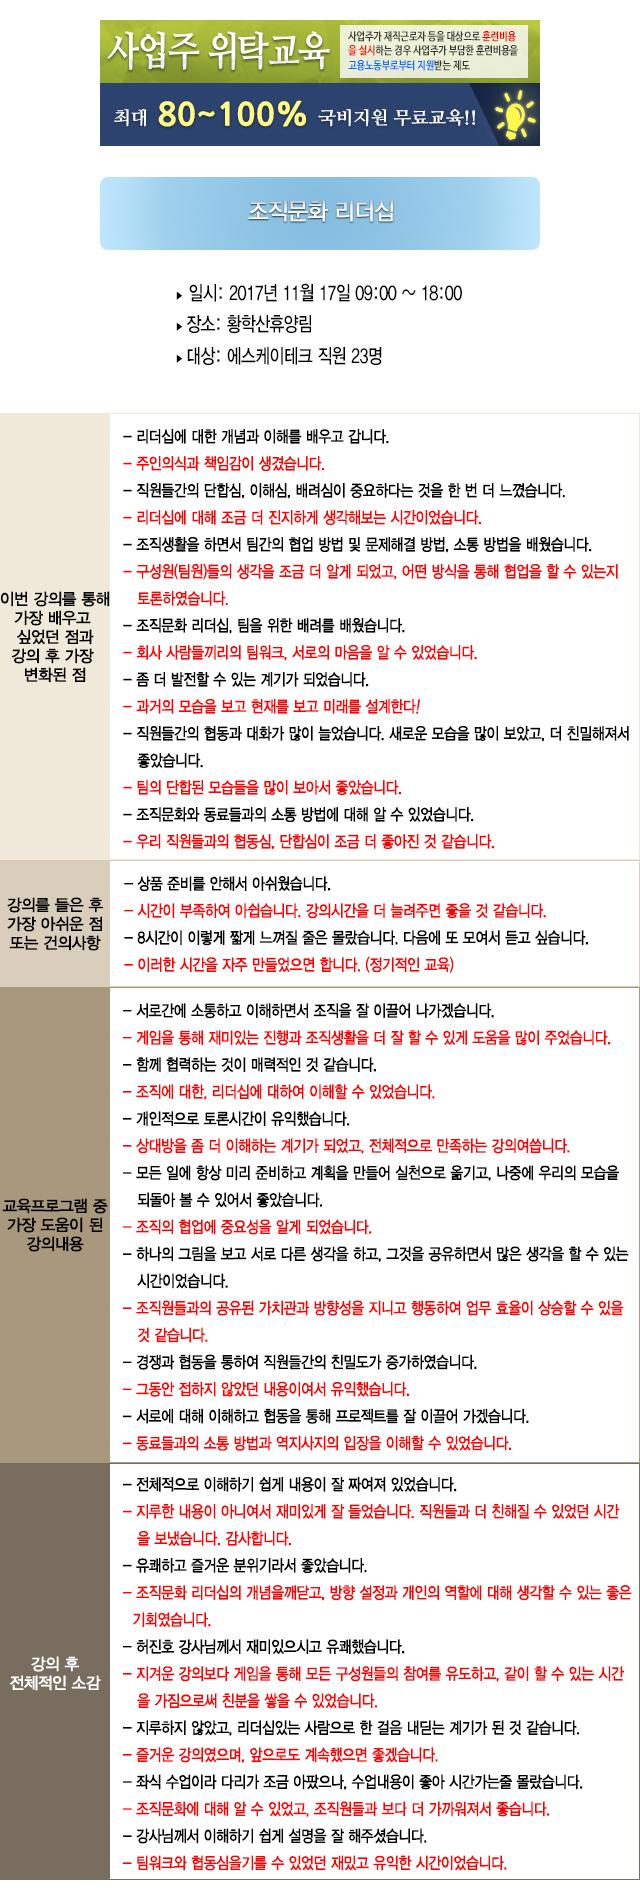 한국중앙인재개발원 후기 에스케이테크.jpg